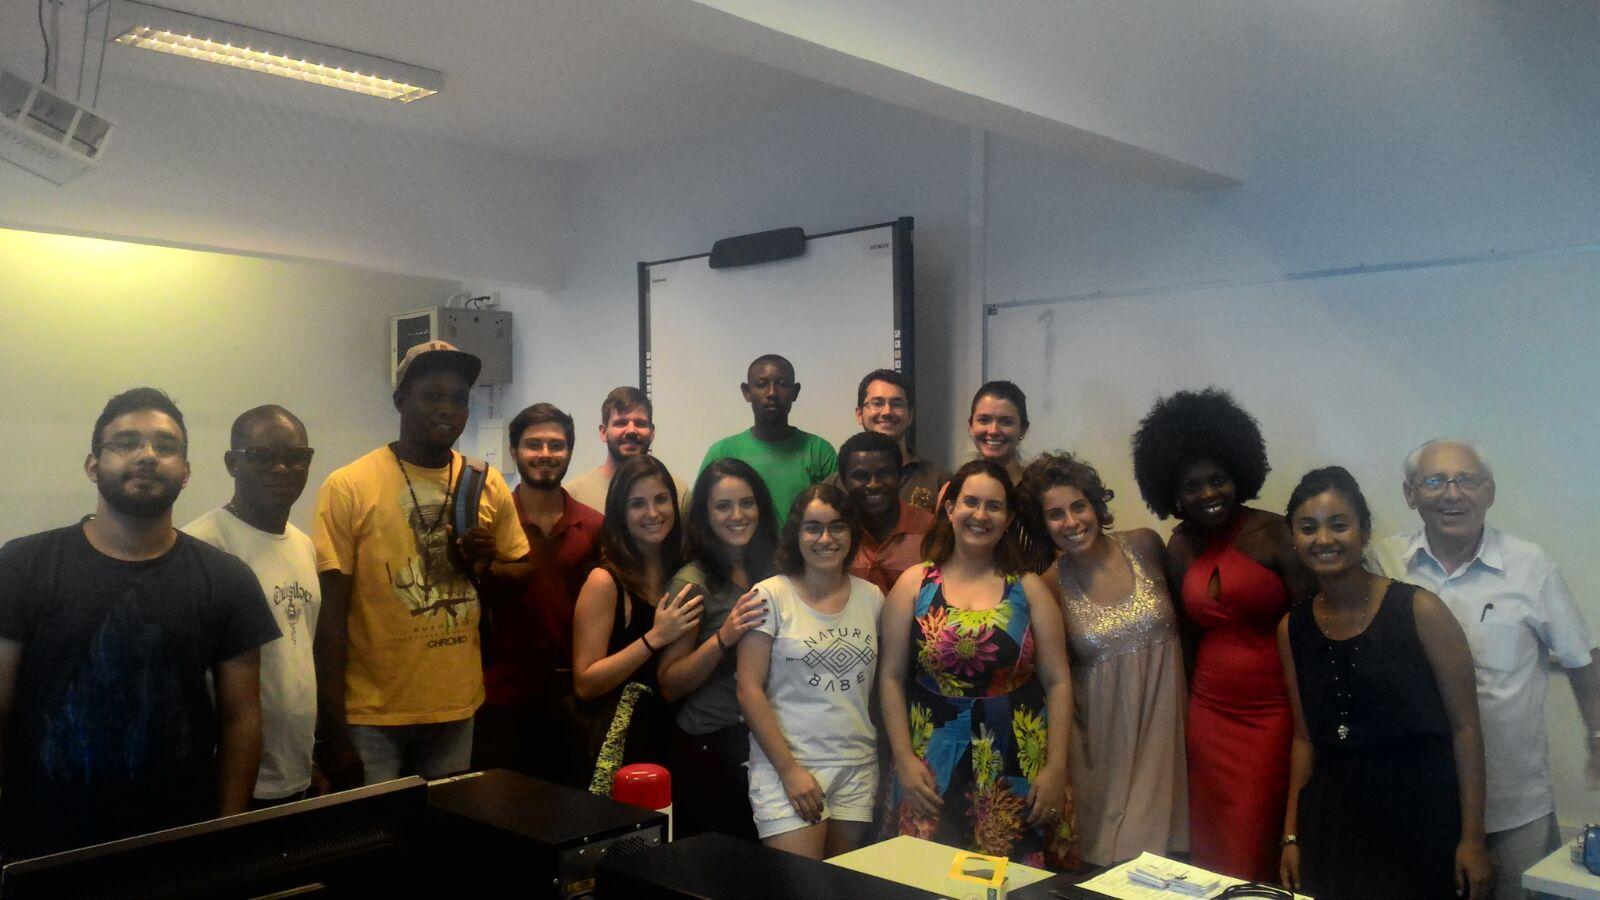 Mutirão em Florianópolis entregou documentos consulares a haitianos e mostrou necessidade do CRAI em SC. Crédito: Wanda Helena Mendes Muniz Falcão